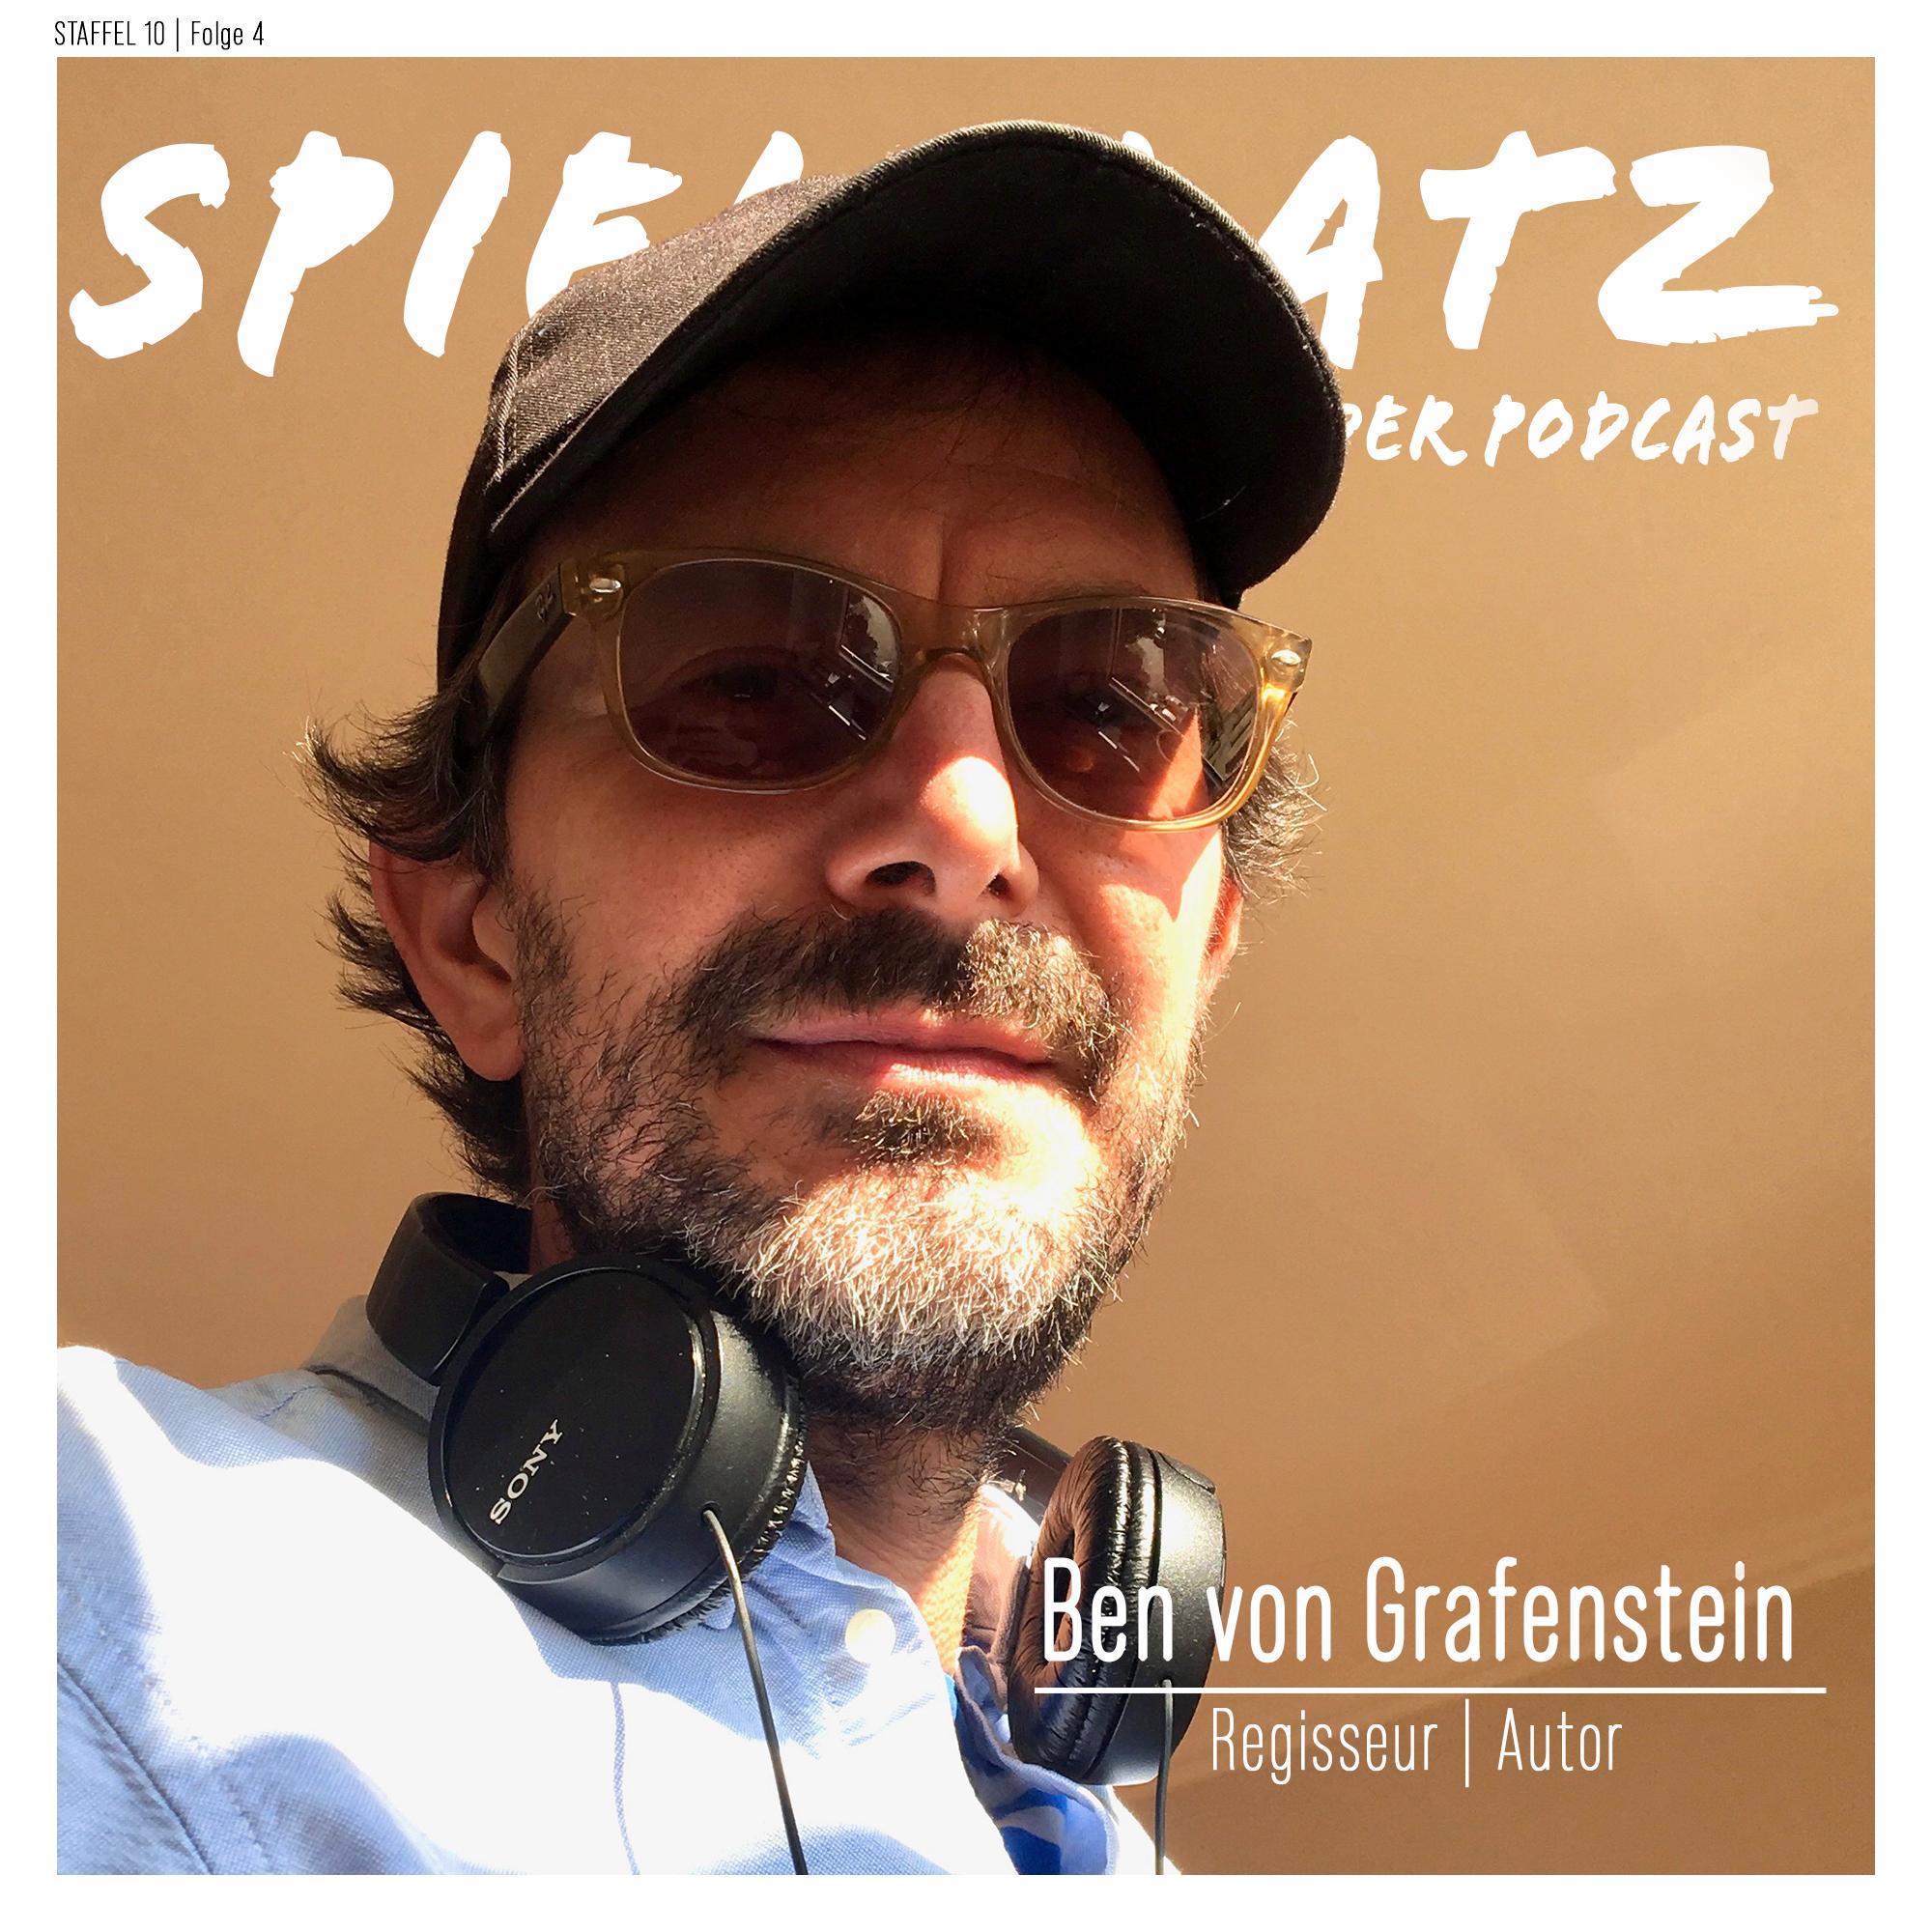 Ben von Grafenstein - Regisseur & Autor